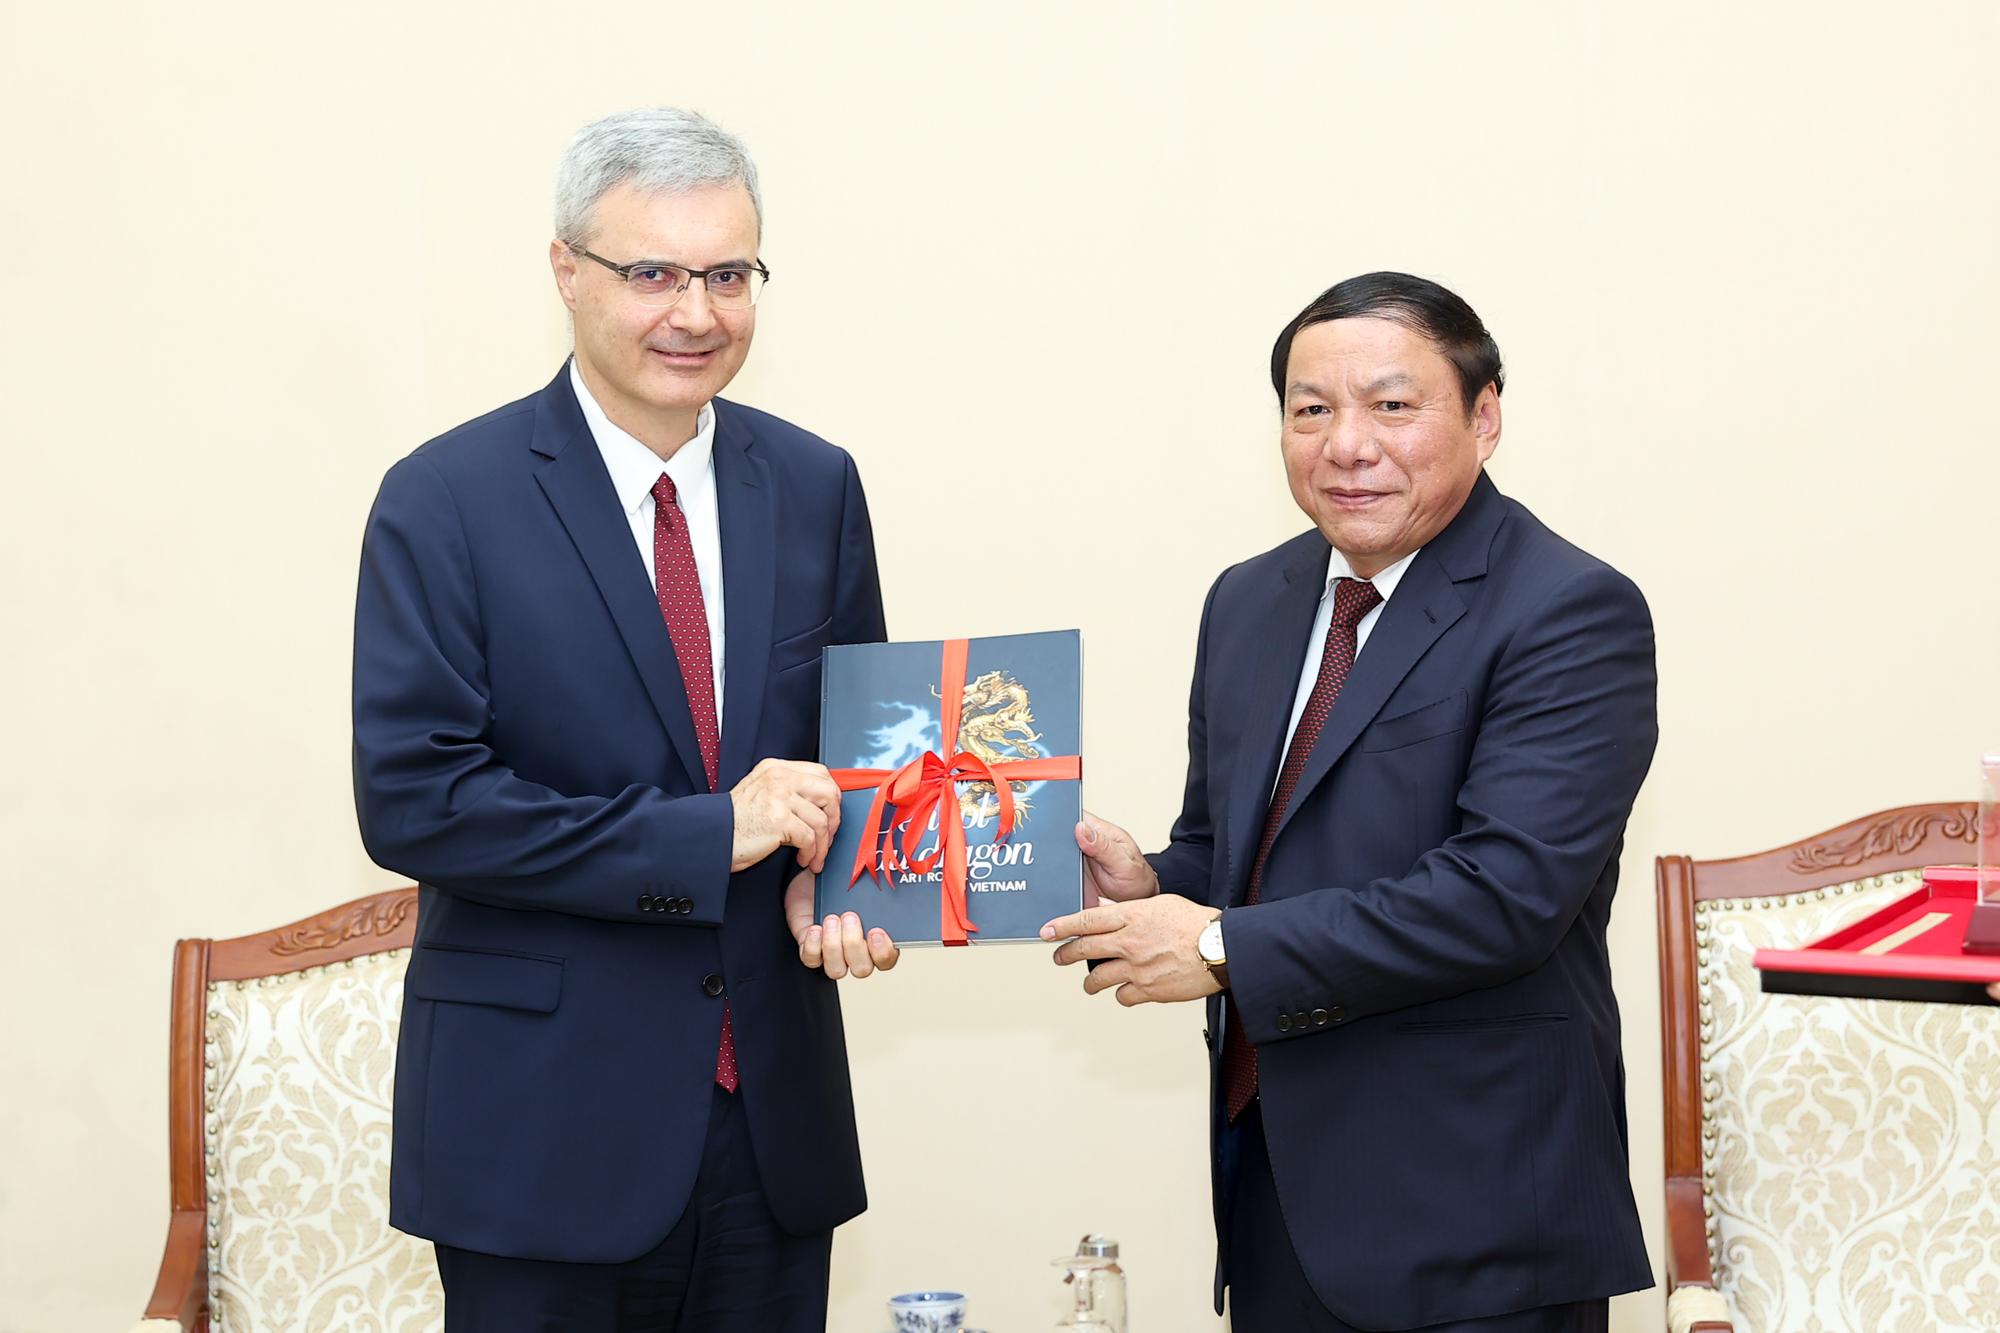 Đưa hợp tác văn hóa, thể thao, du lịch Việt- Pháp phát triển thiết thực và hiệu quả hơn - Ảnh 3.